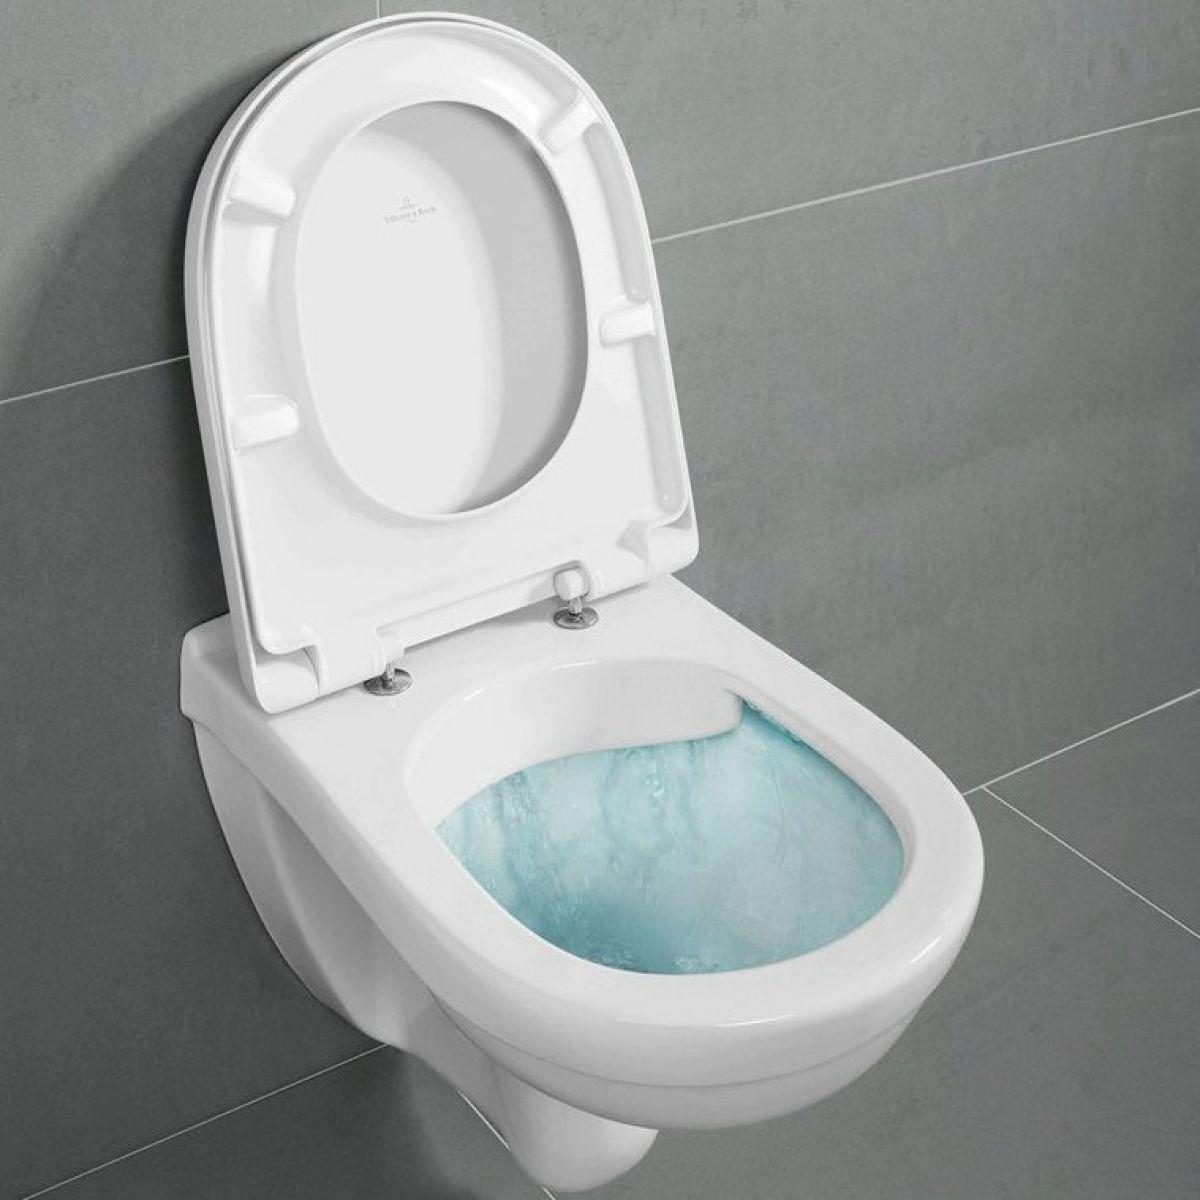 Villeroy & Boch O.Novo Rimless Wall Hung Toilet